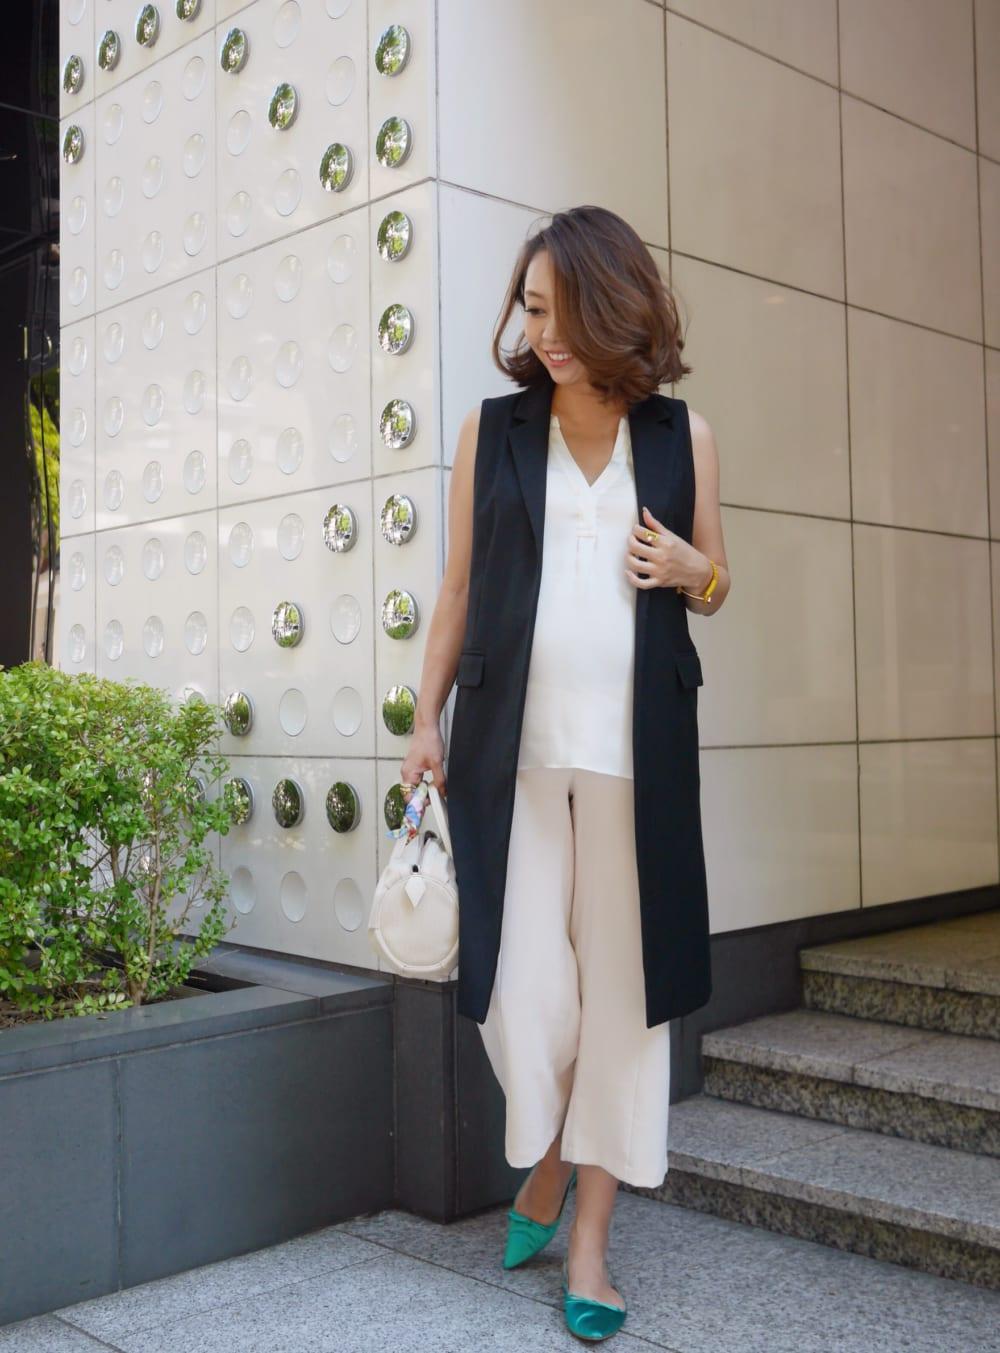 韓国のブランドのマタニティパンツを使った×ジレのオシャレな妊婦さんの春夏のマタニティコーデ